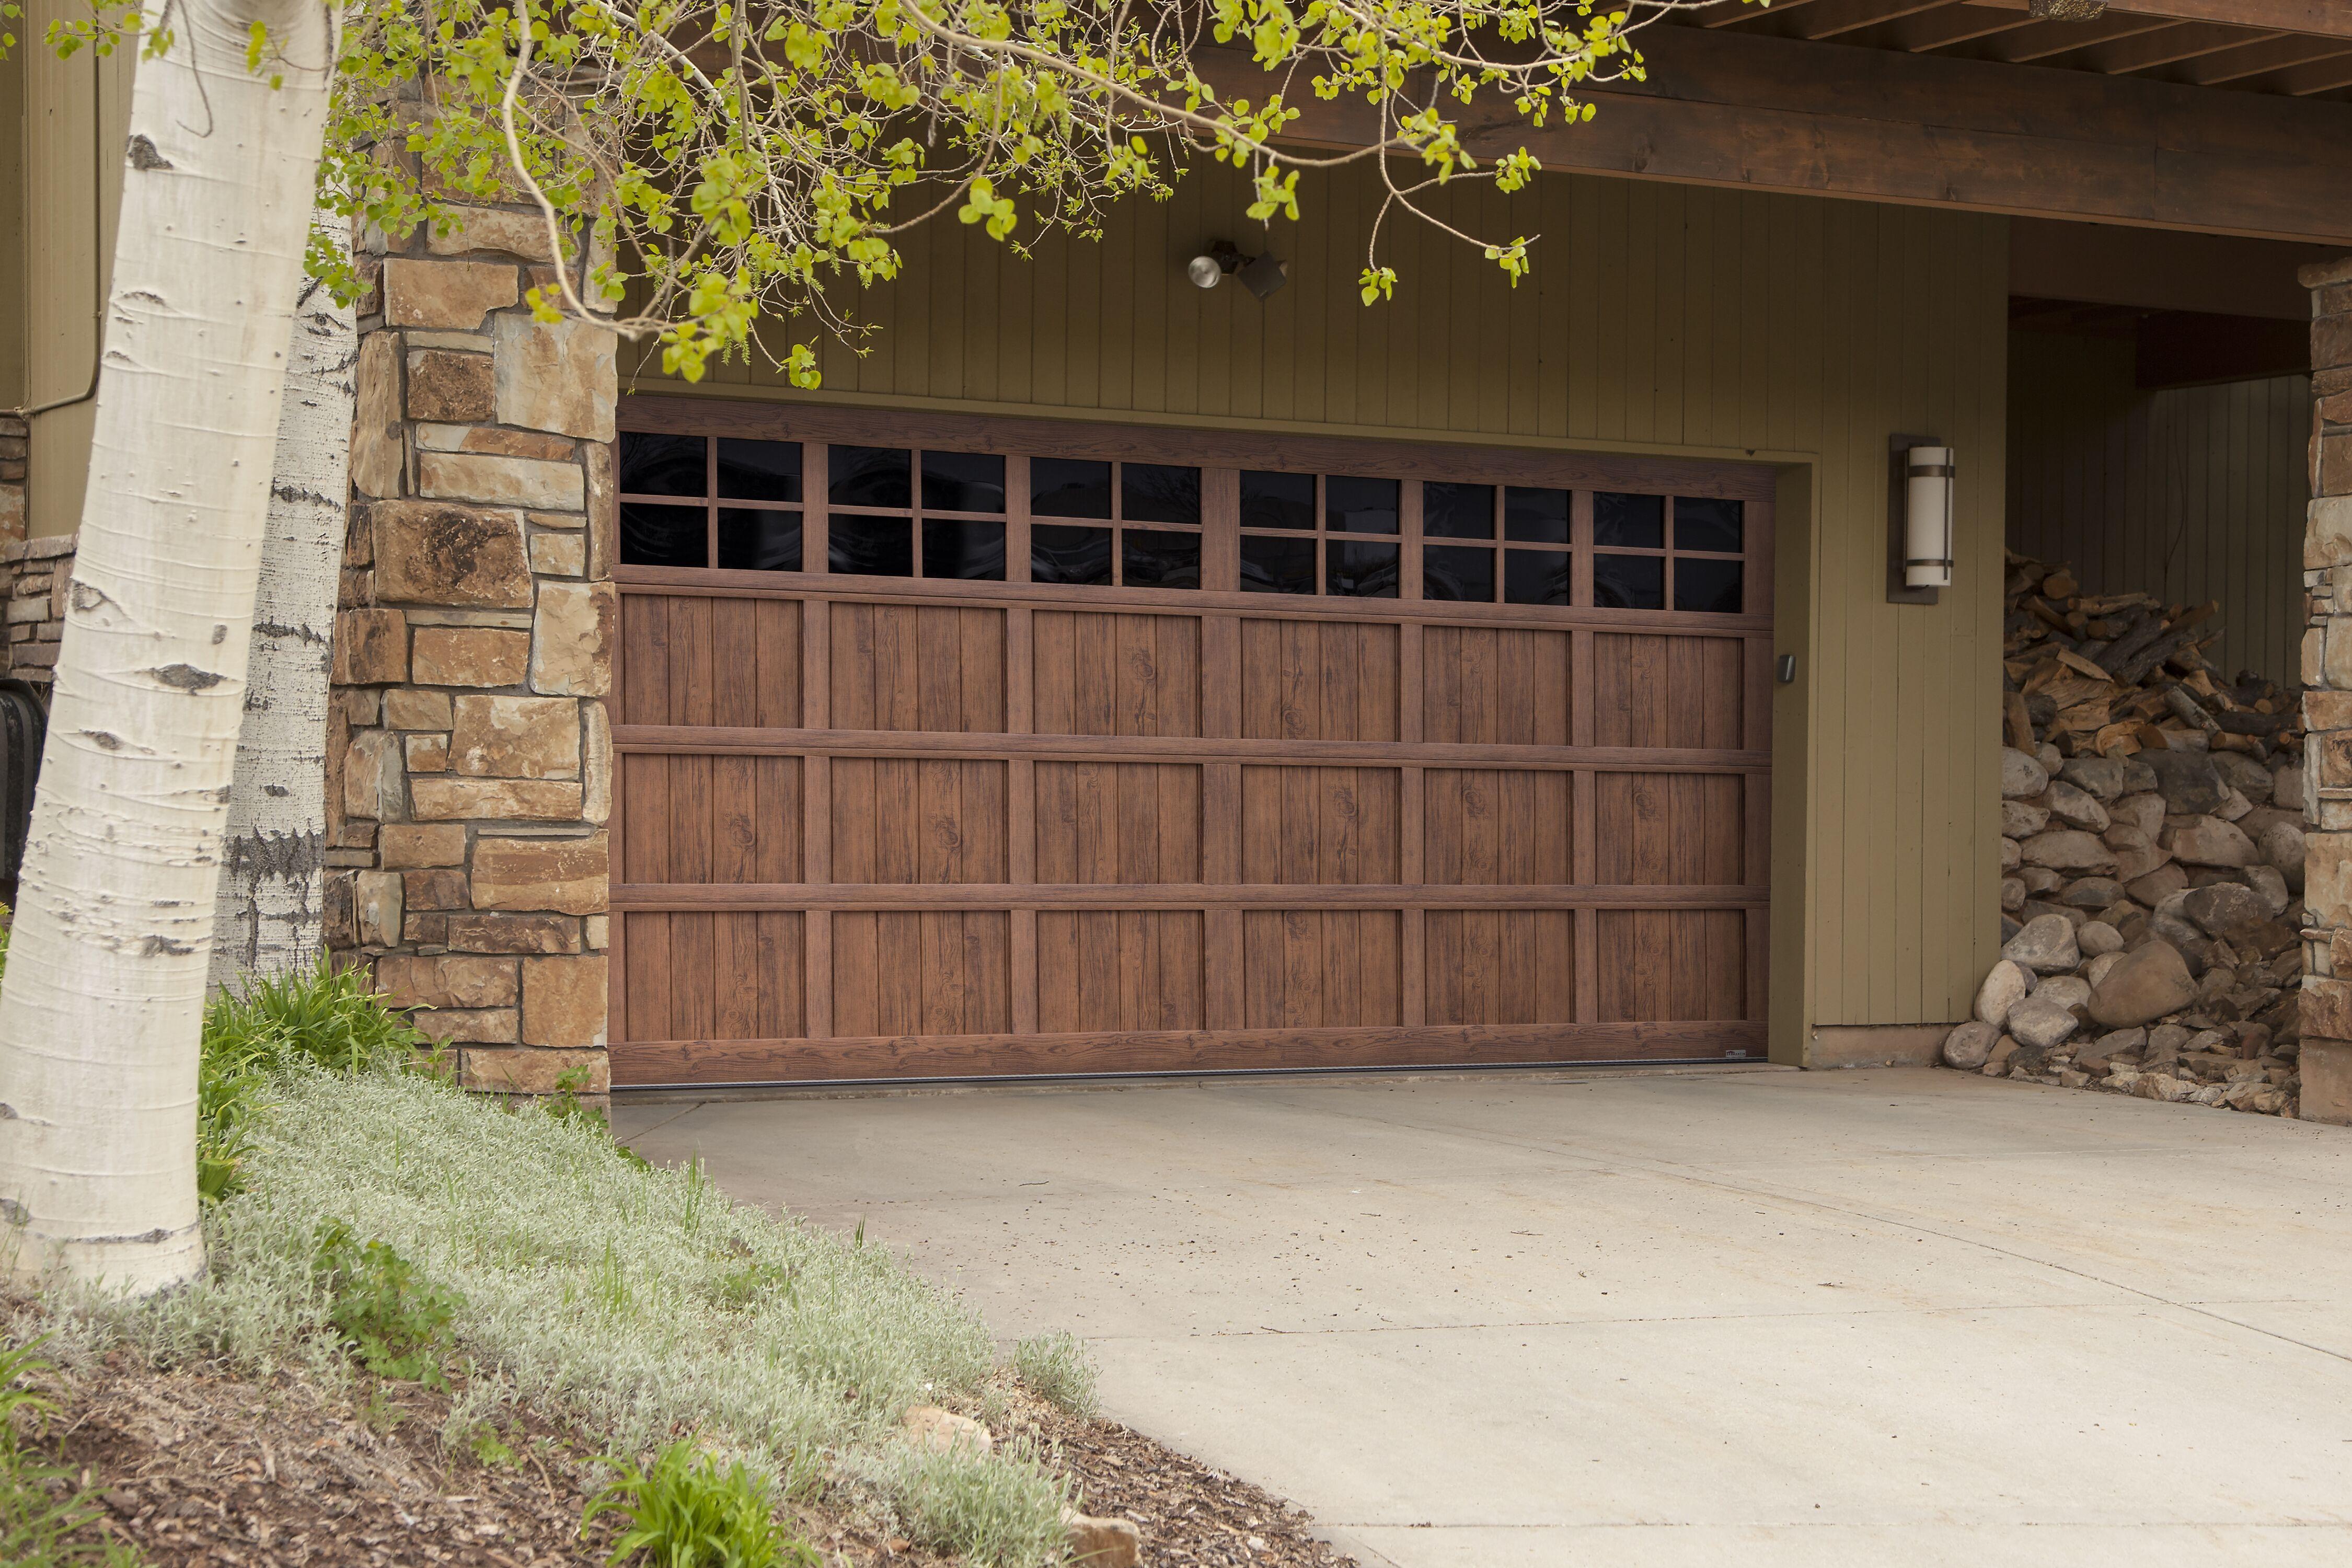 new-garage-door-martin-door.jpeg?mtime=20200306085507#asset:16686